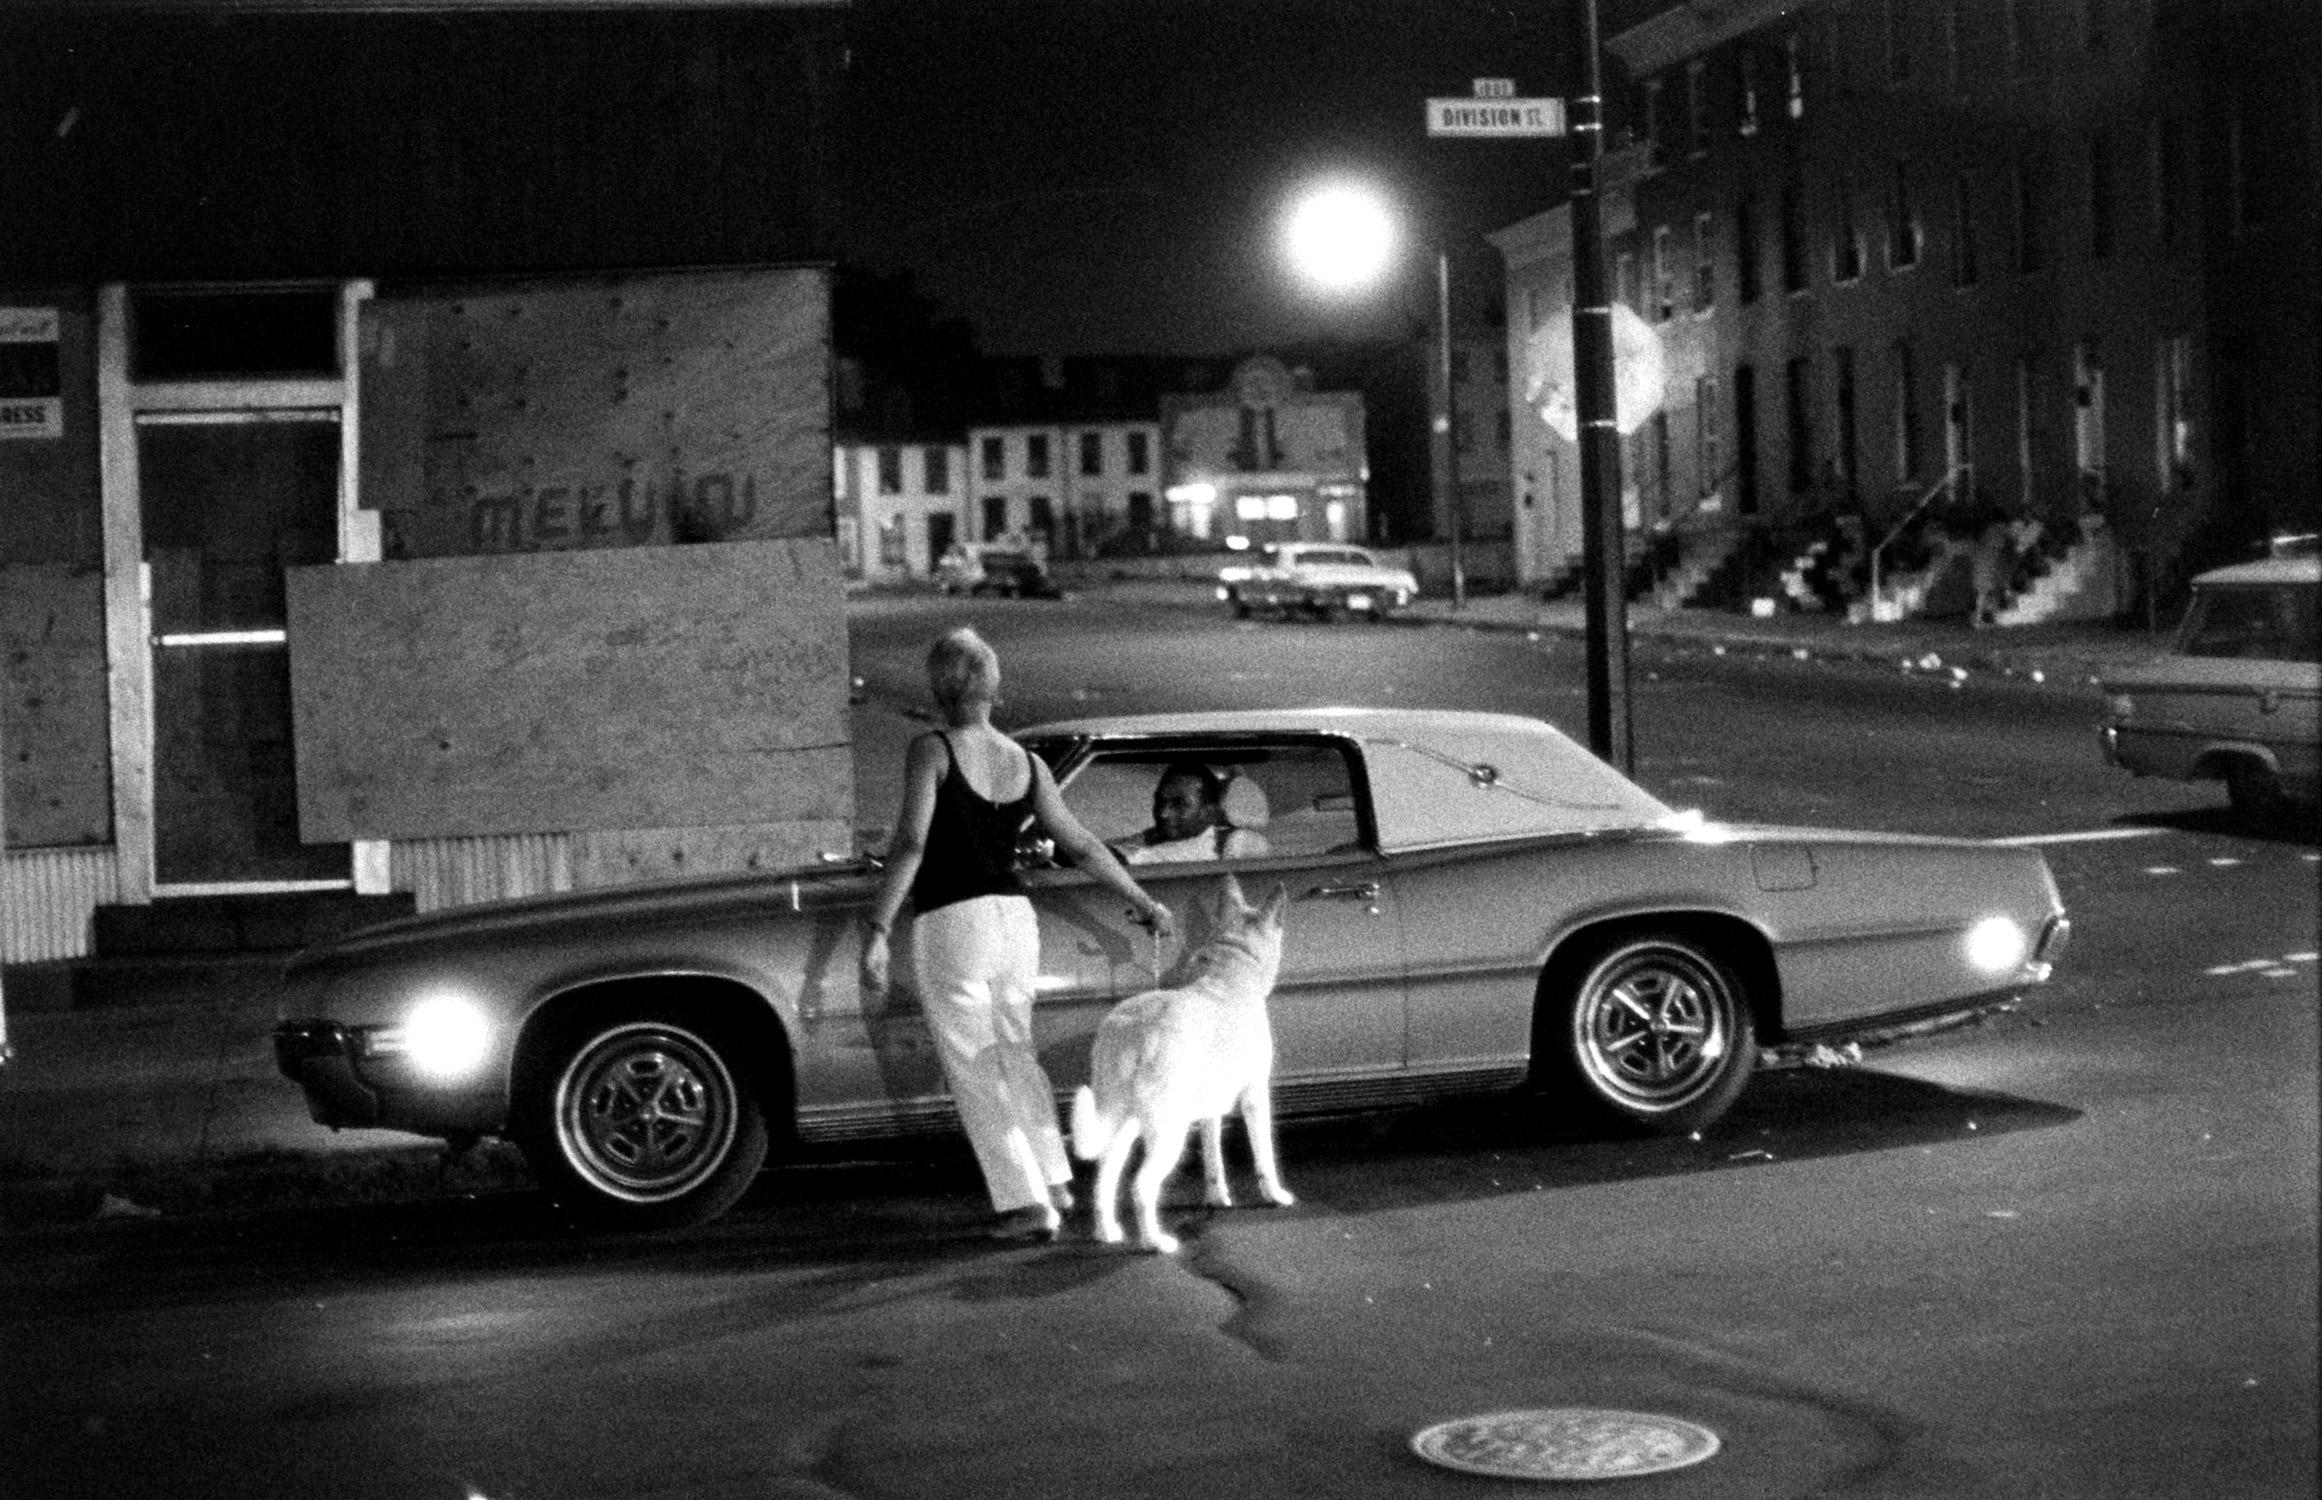 Baltimore, 1969.